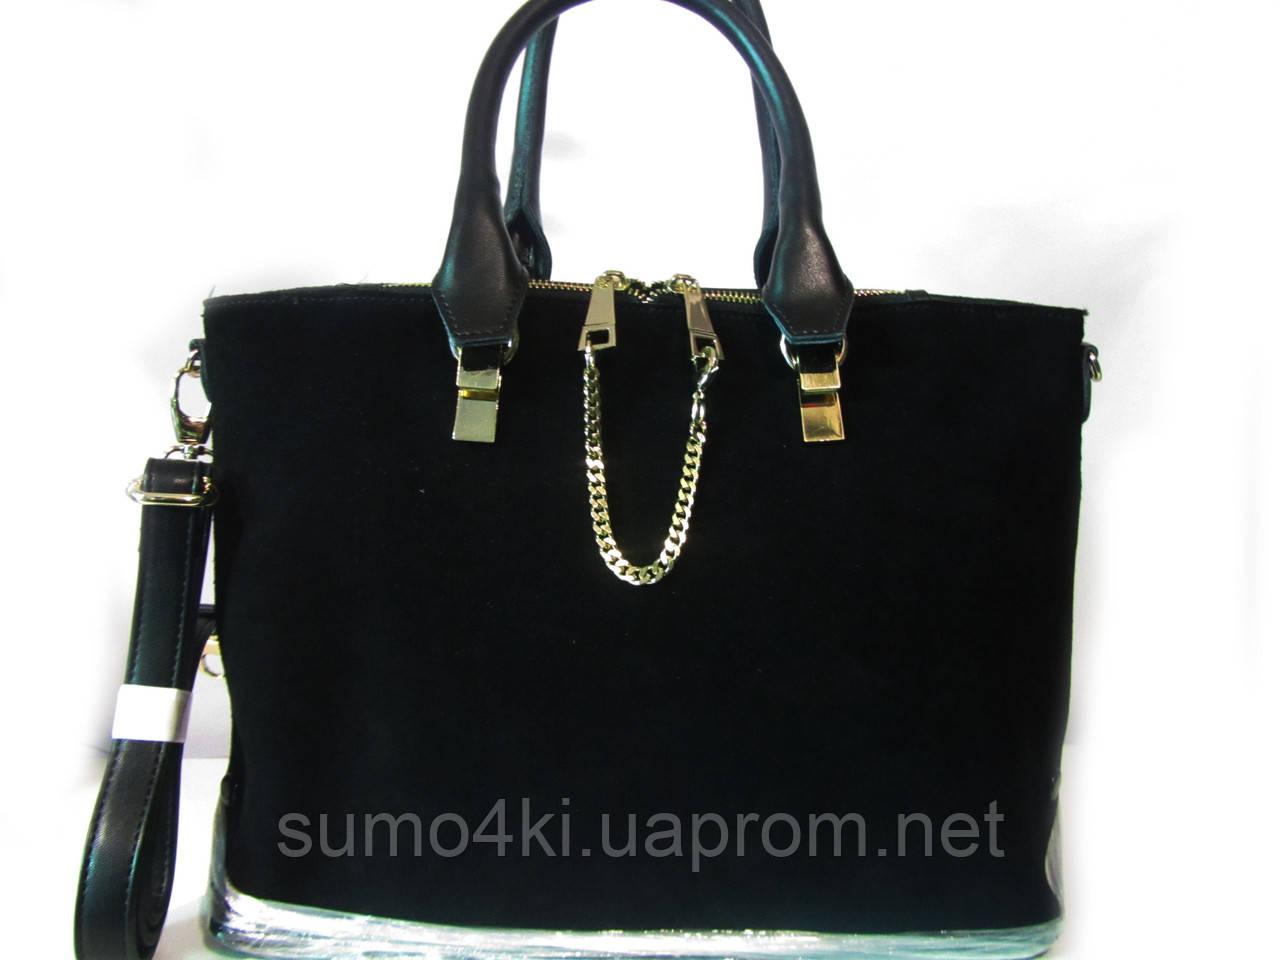 Купить Чёрную замшевую сумку Voee vodd оптом и в розницу в Одессе ... c2d40a23495